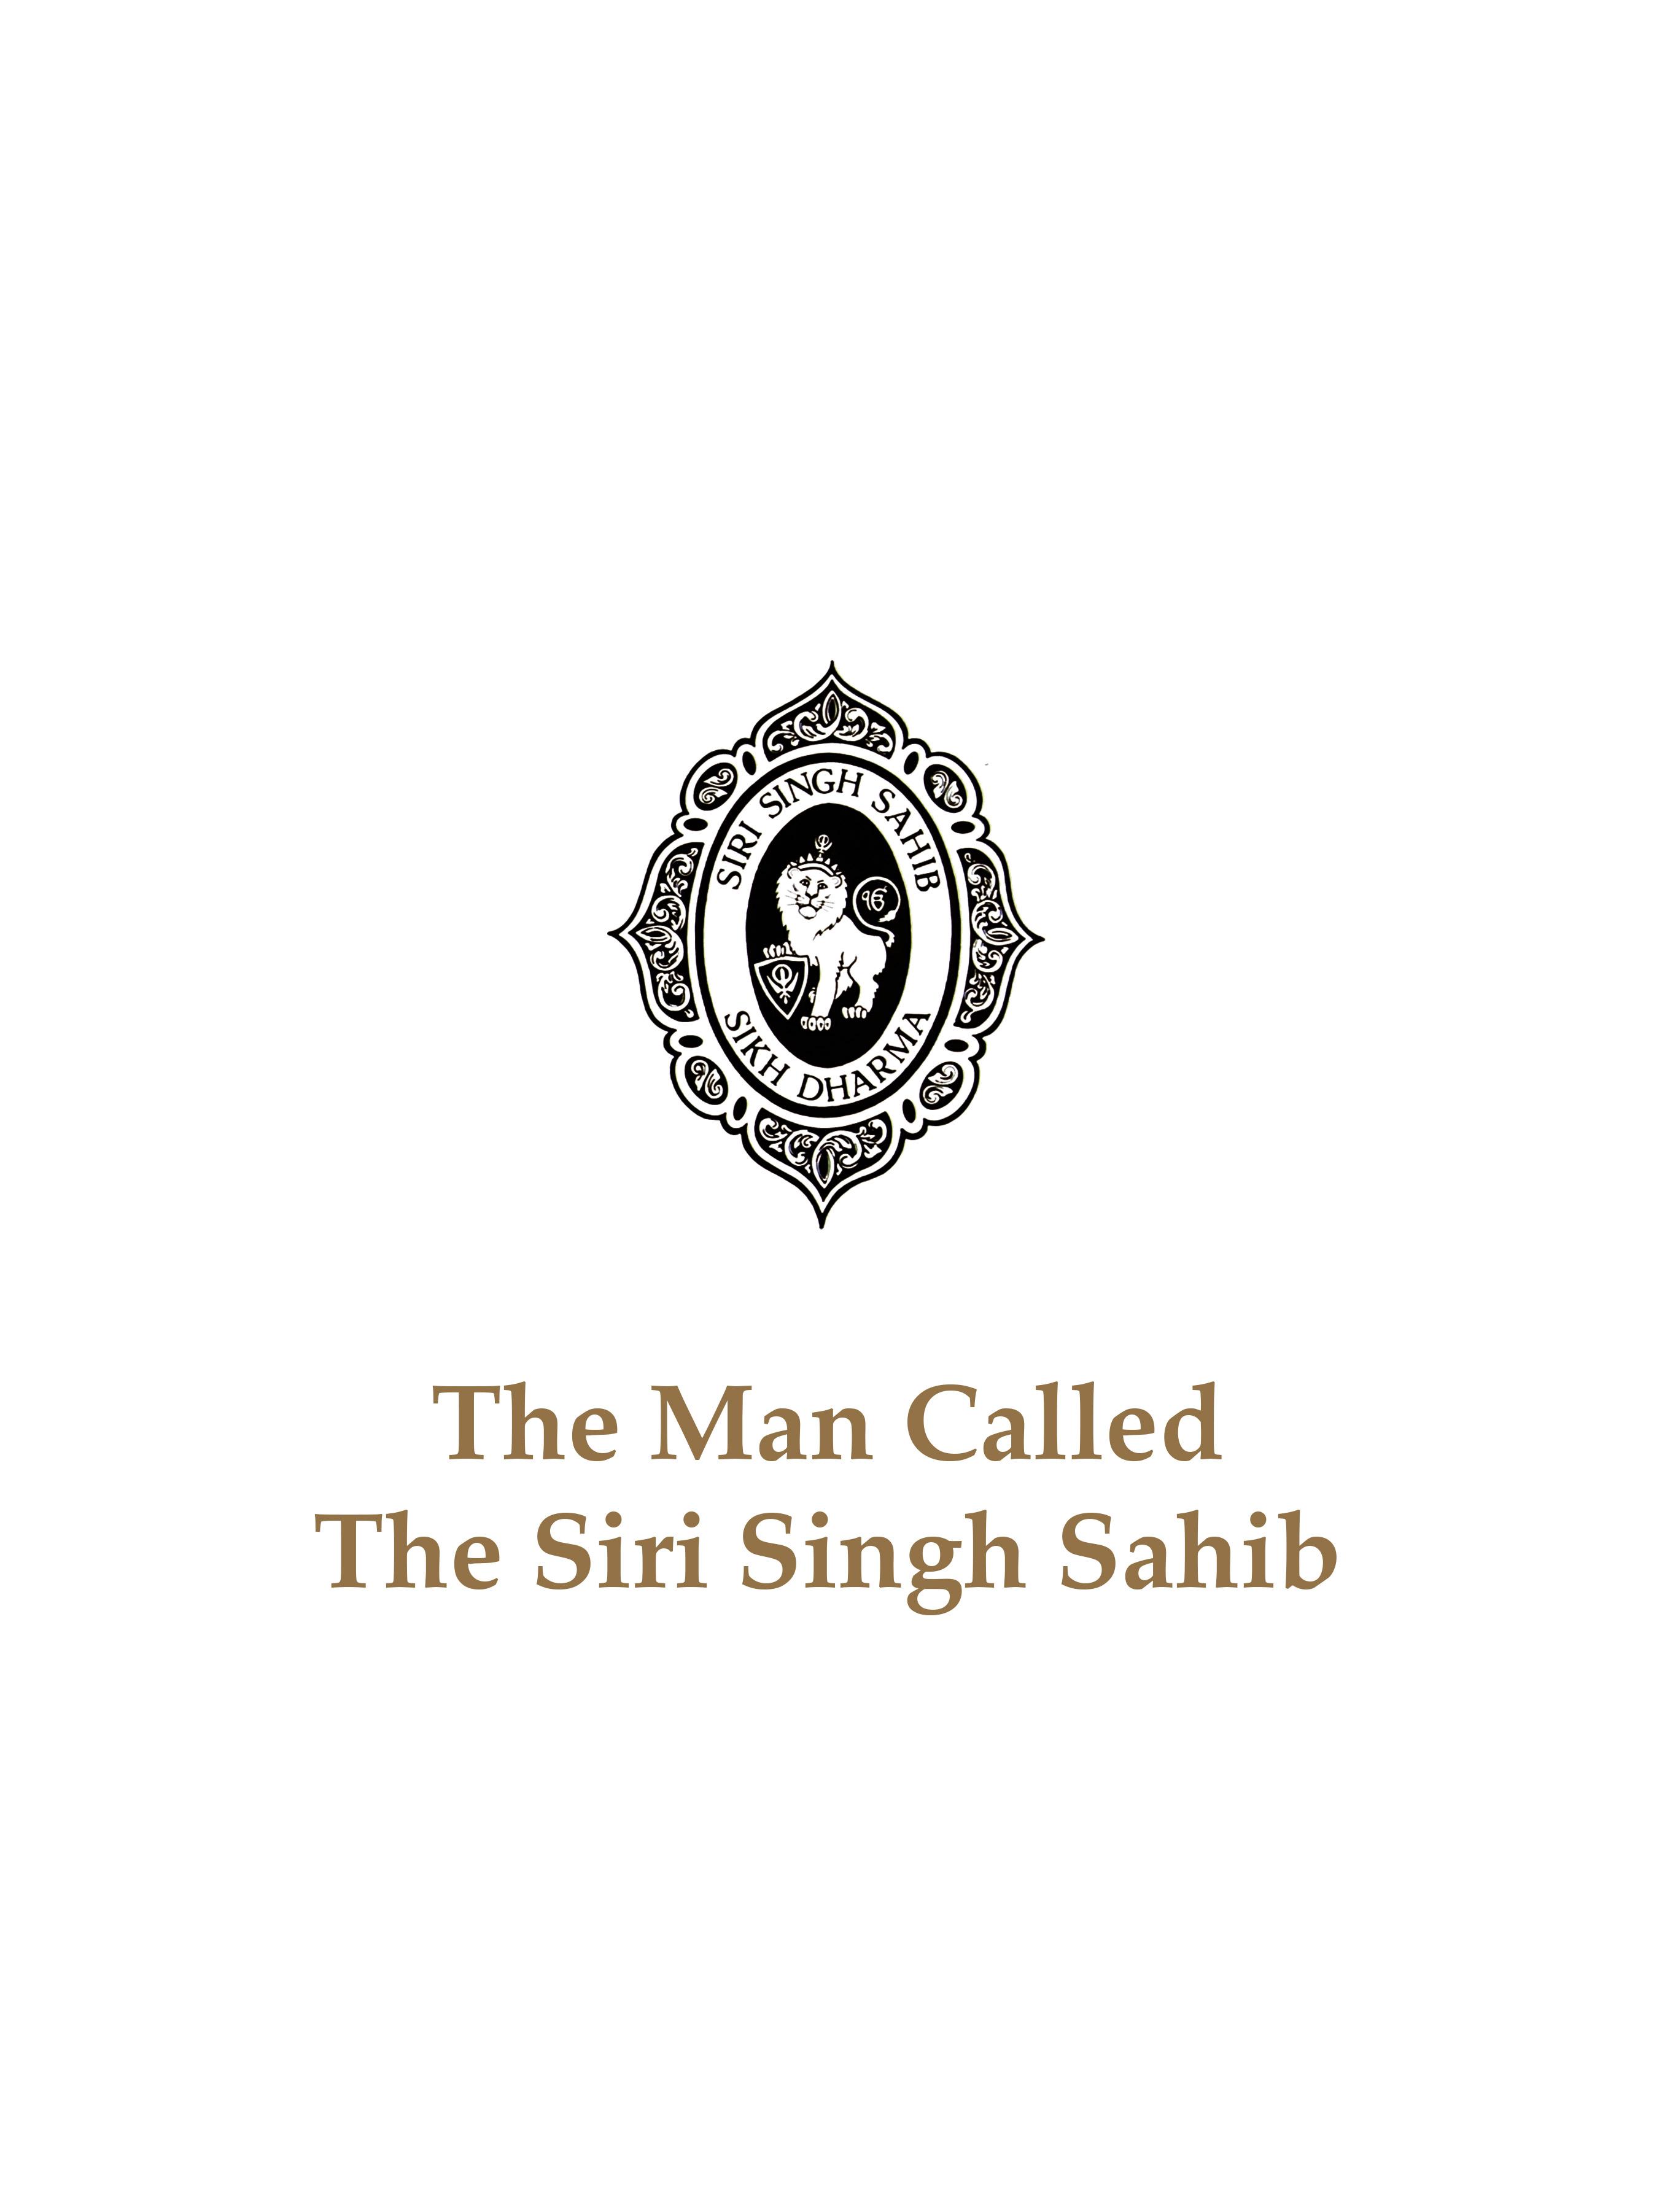 The Man Called The Siri Singh Sahib